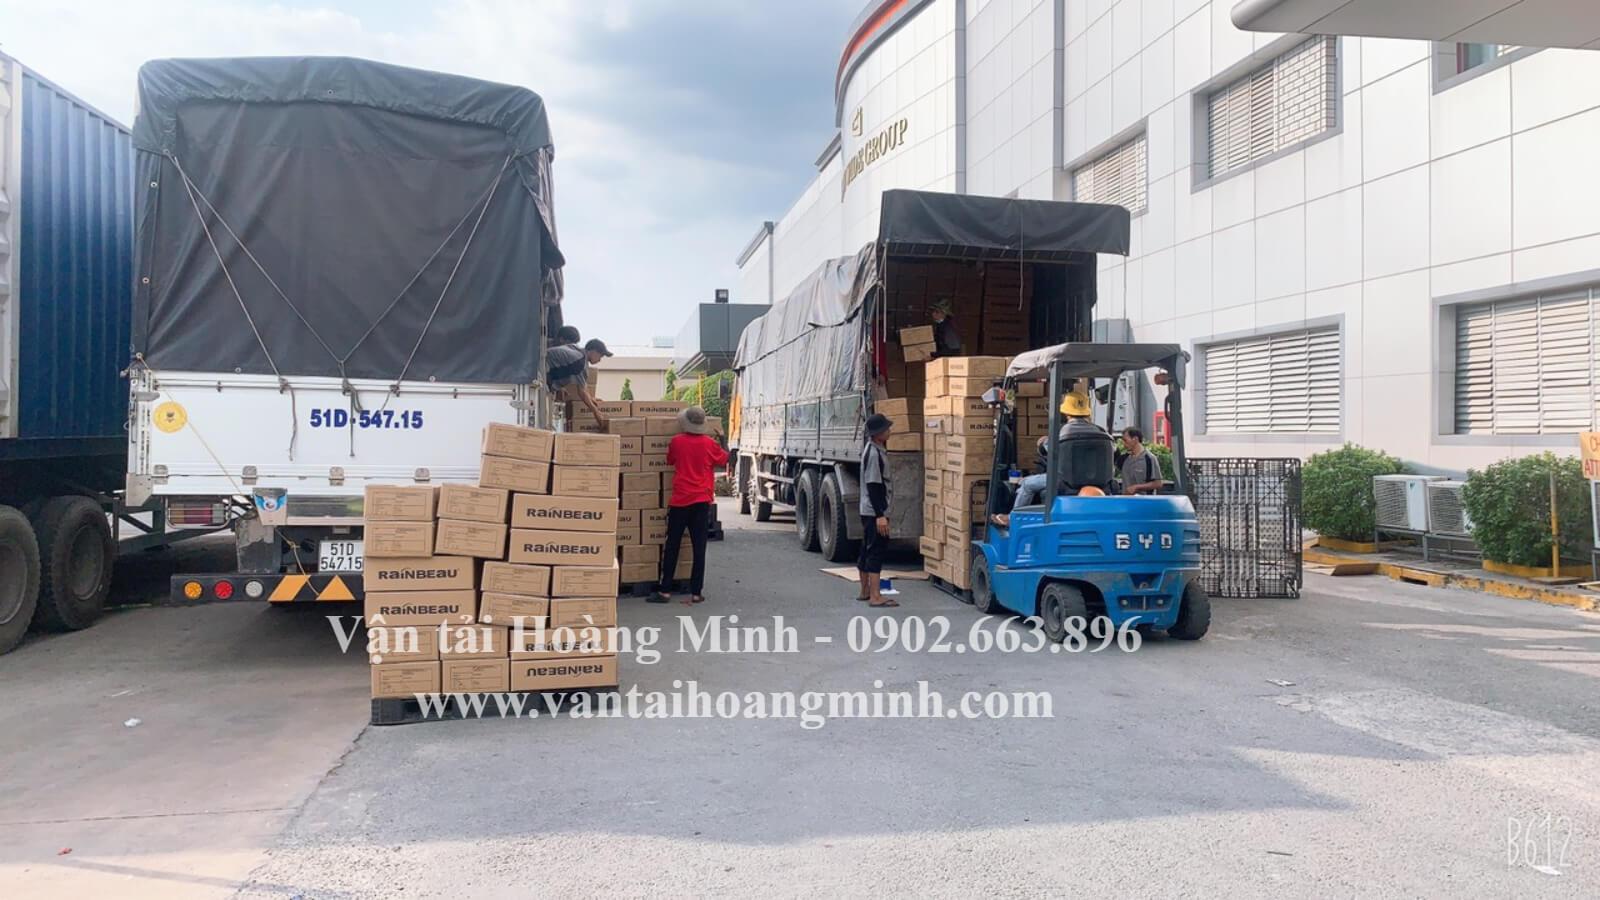 vận chuyển hàng hóa bằng xe 8 tấn